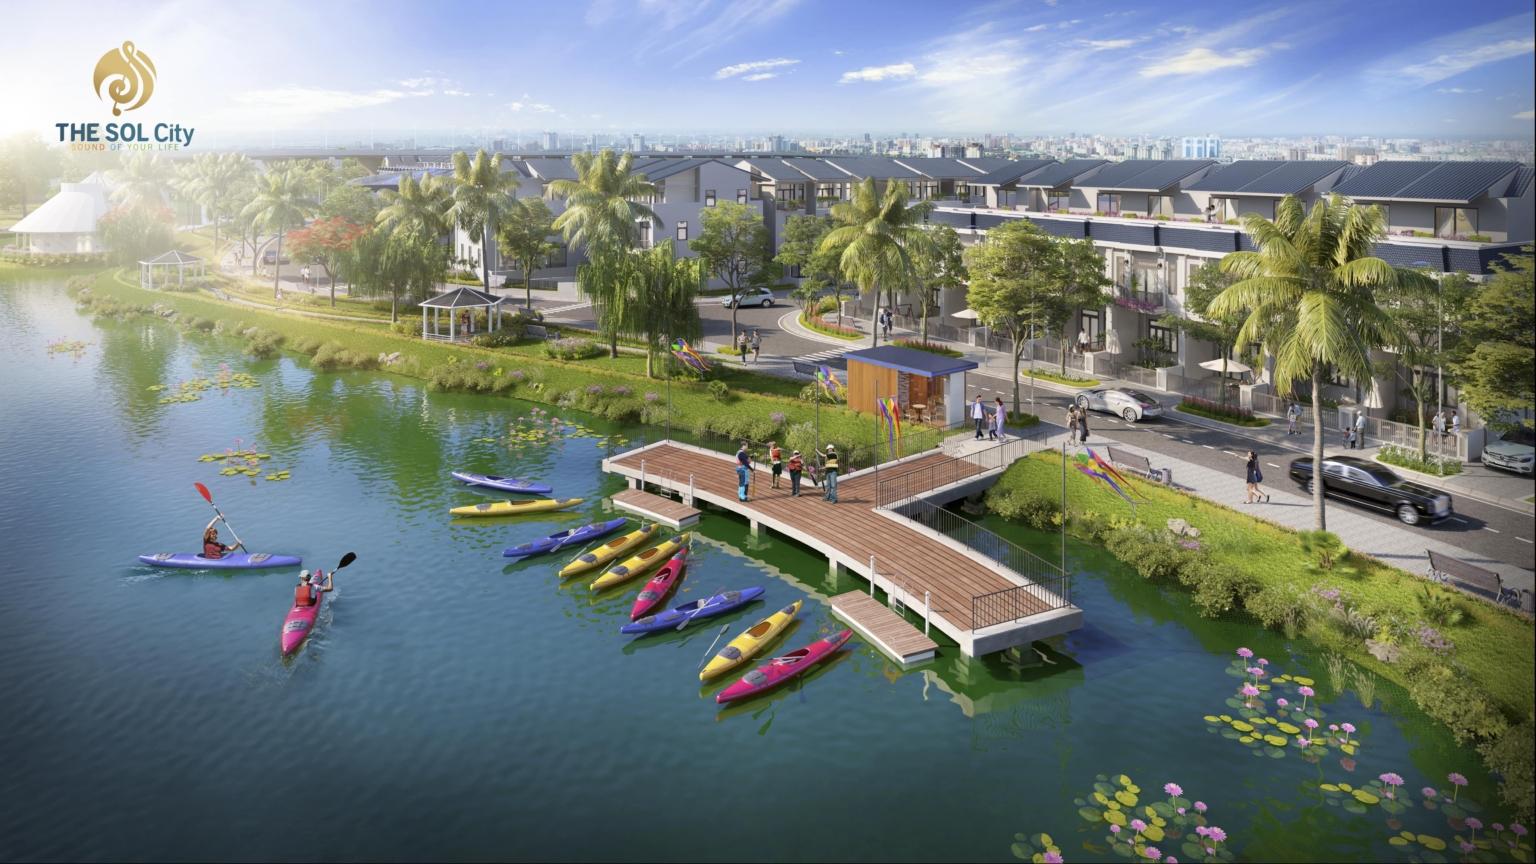 Ben-thuyen-kayak-the-sol-city-thuvienbatdongsan.com.vn